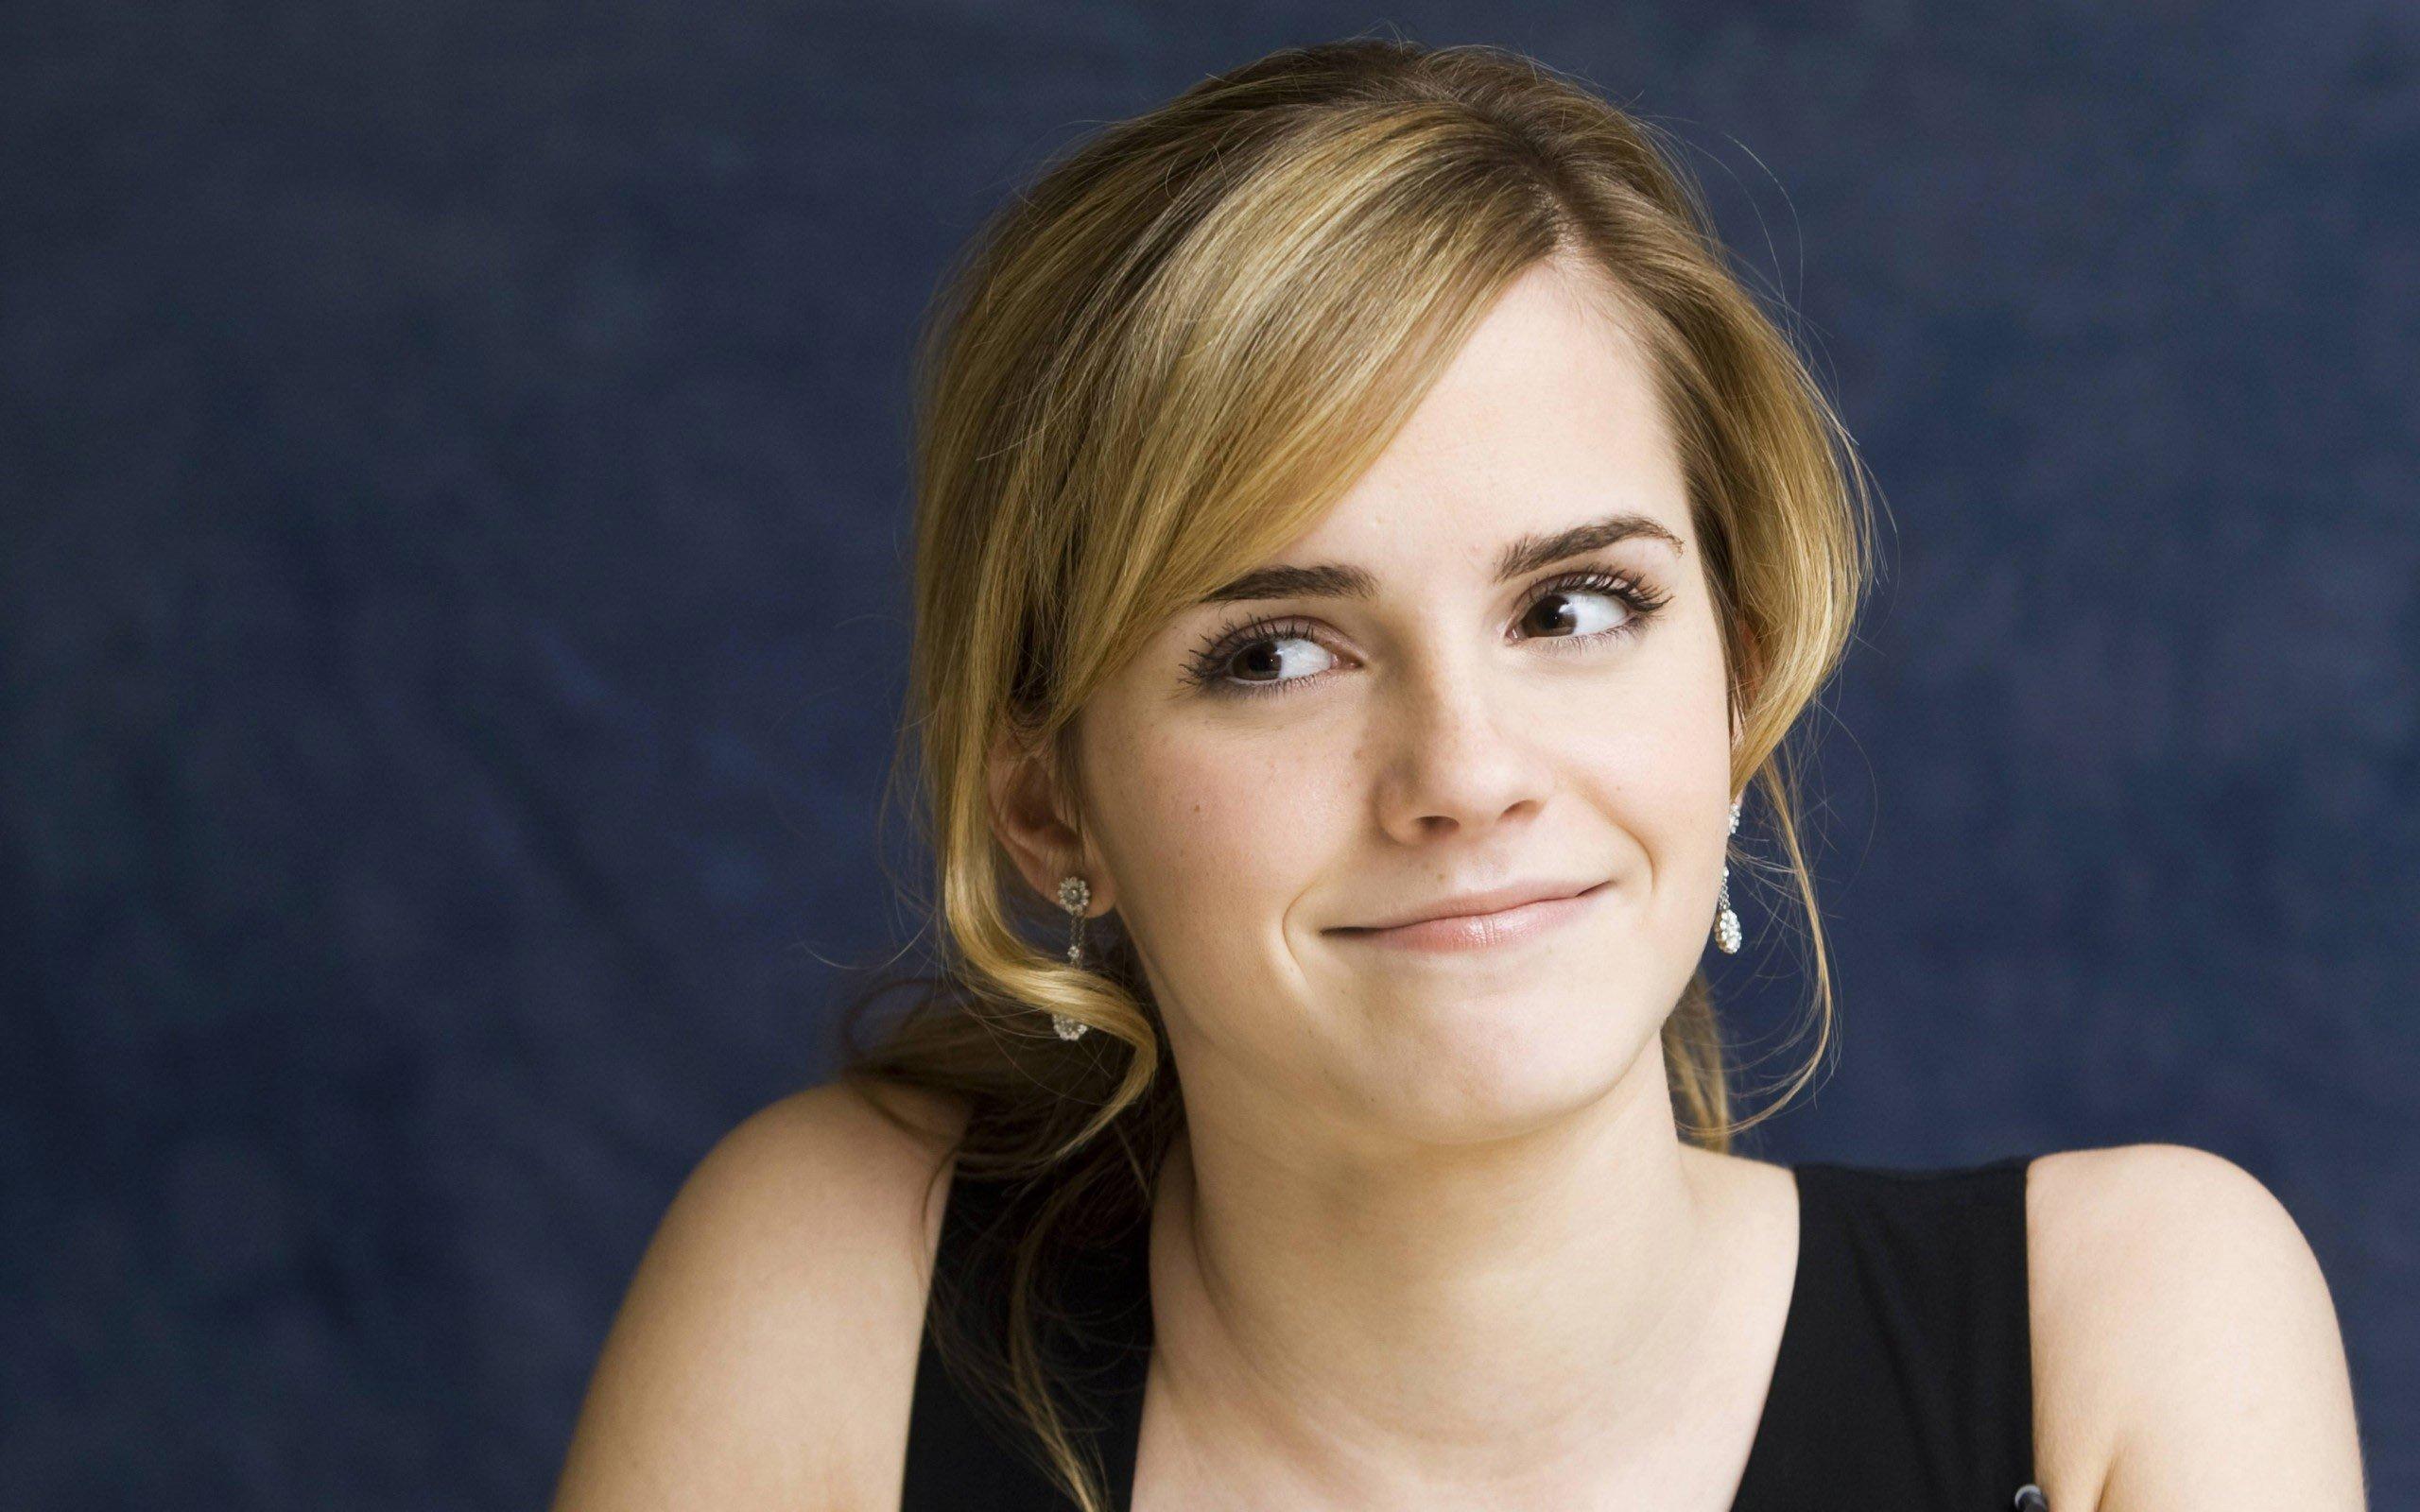 Fondo de pantalla de Emma Watson Imágenes